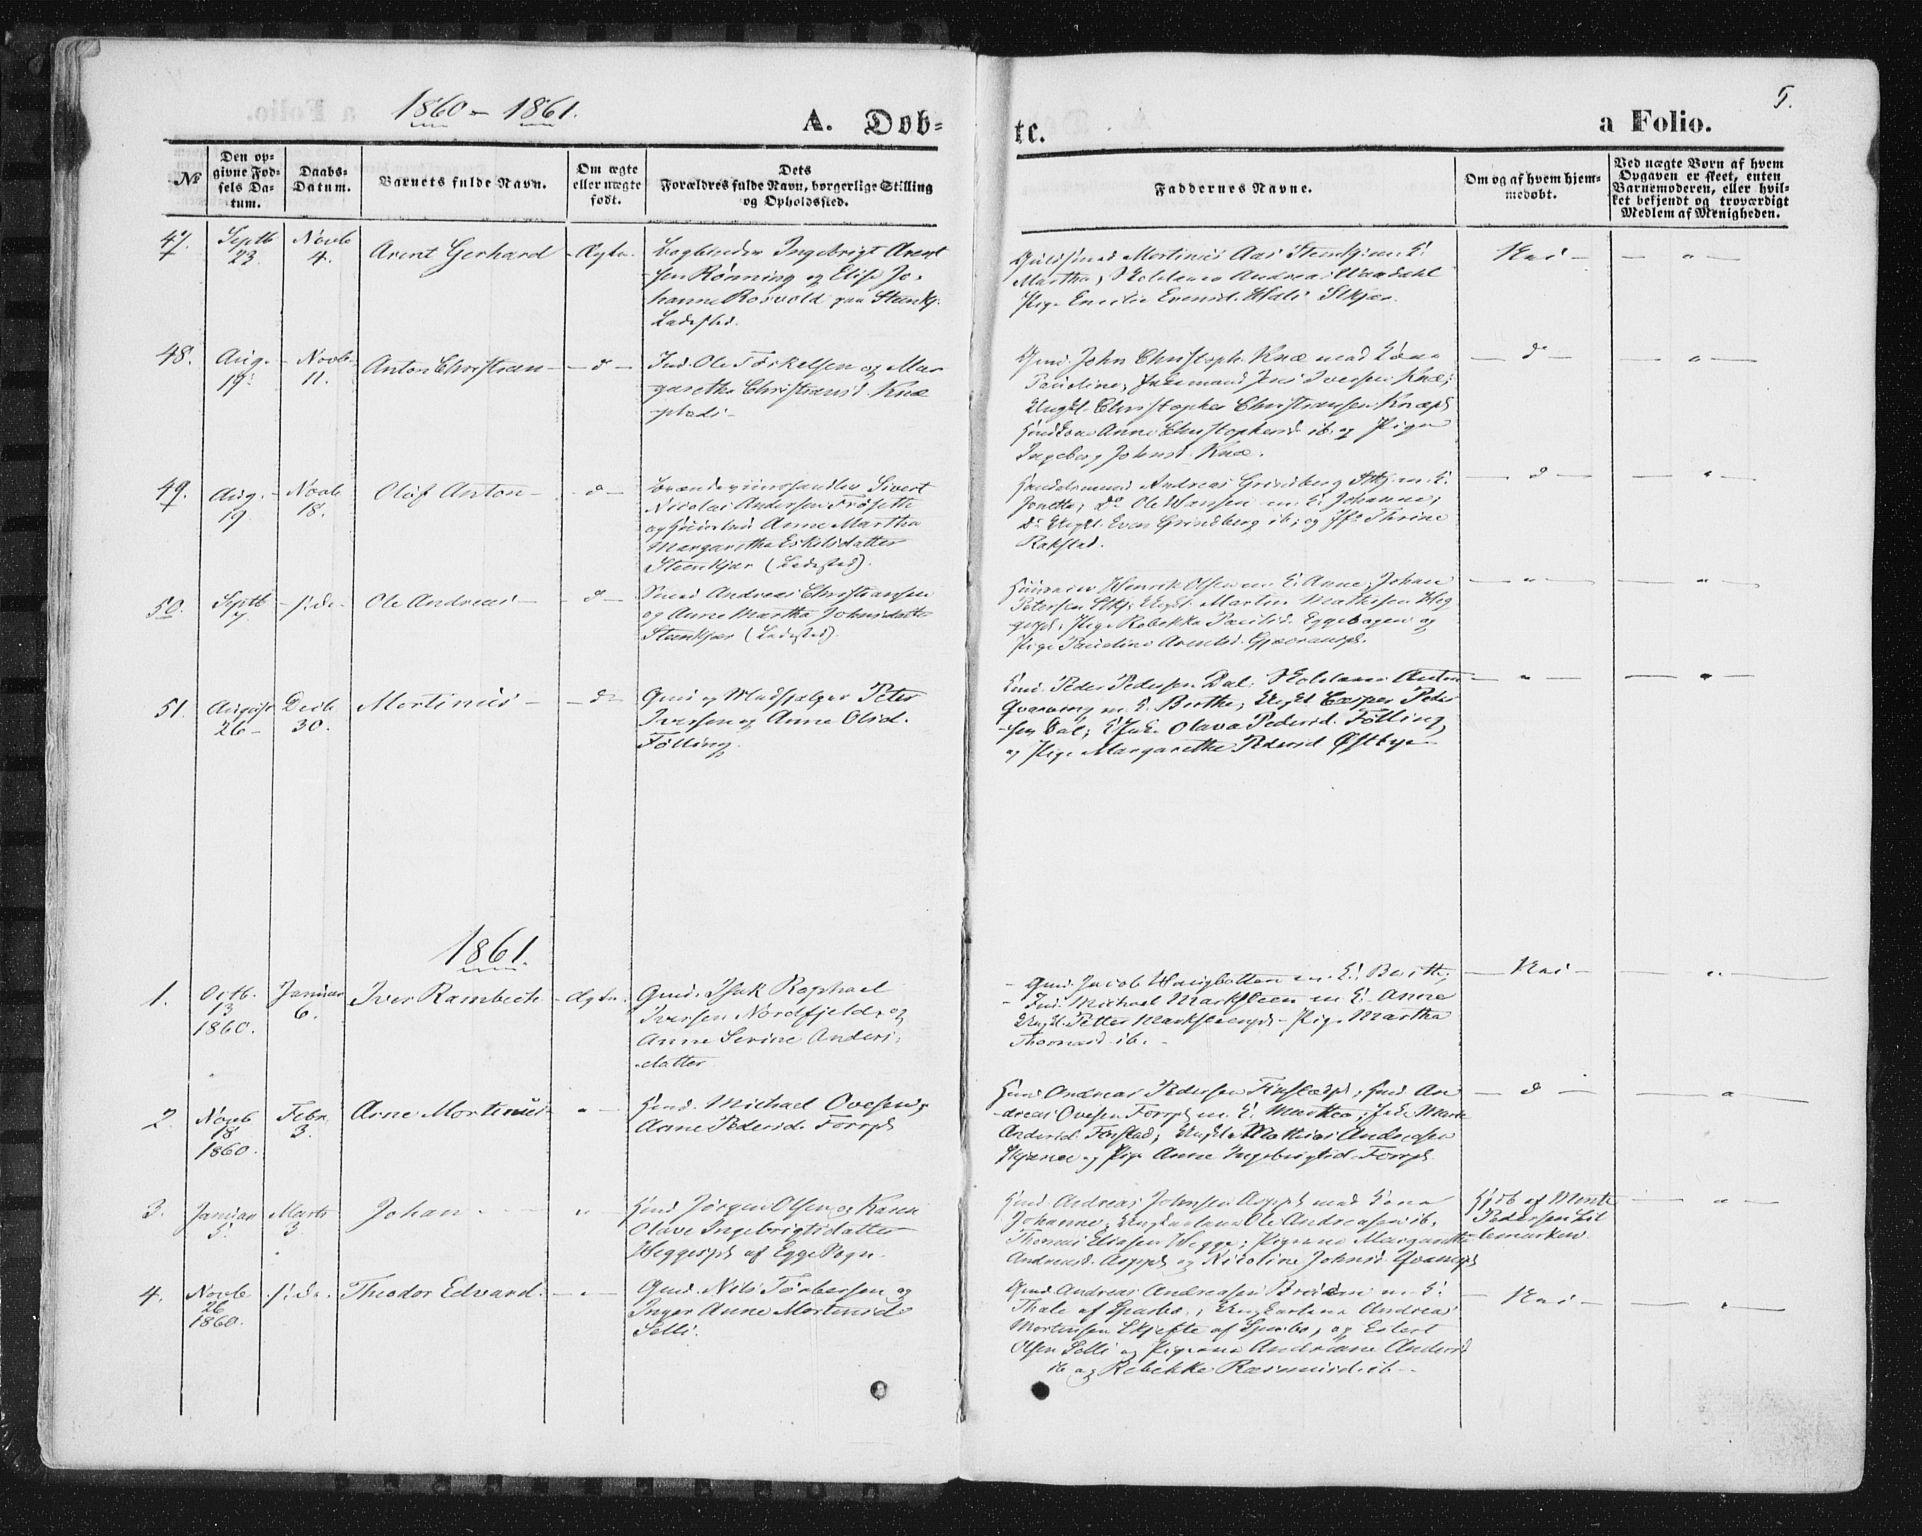 SAT, Ministerialprotokoller, klokkerbøker og fødselsregistre - Nord-Trøndelag, 746/L0447: Ministerialbok nr. 746A06, 1860-1877, s. 5